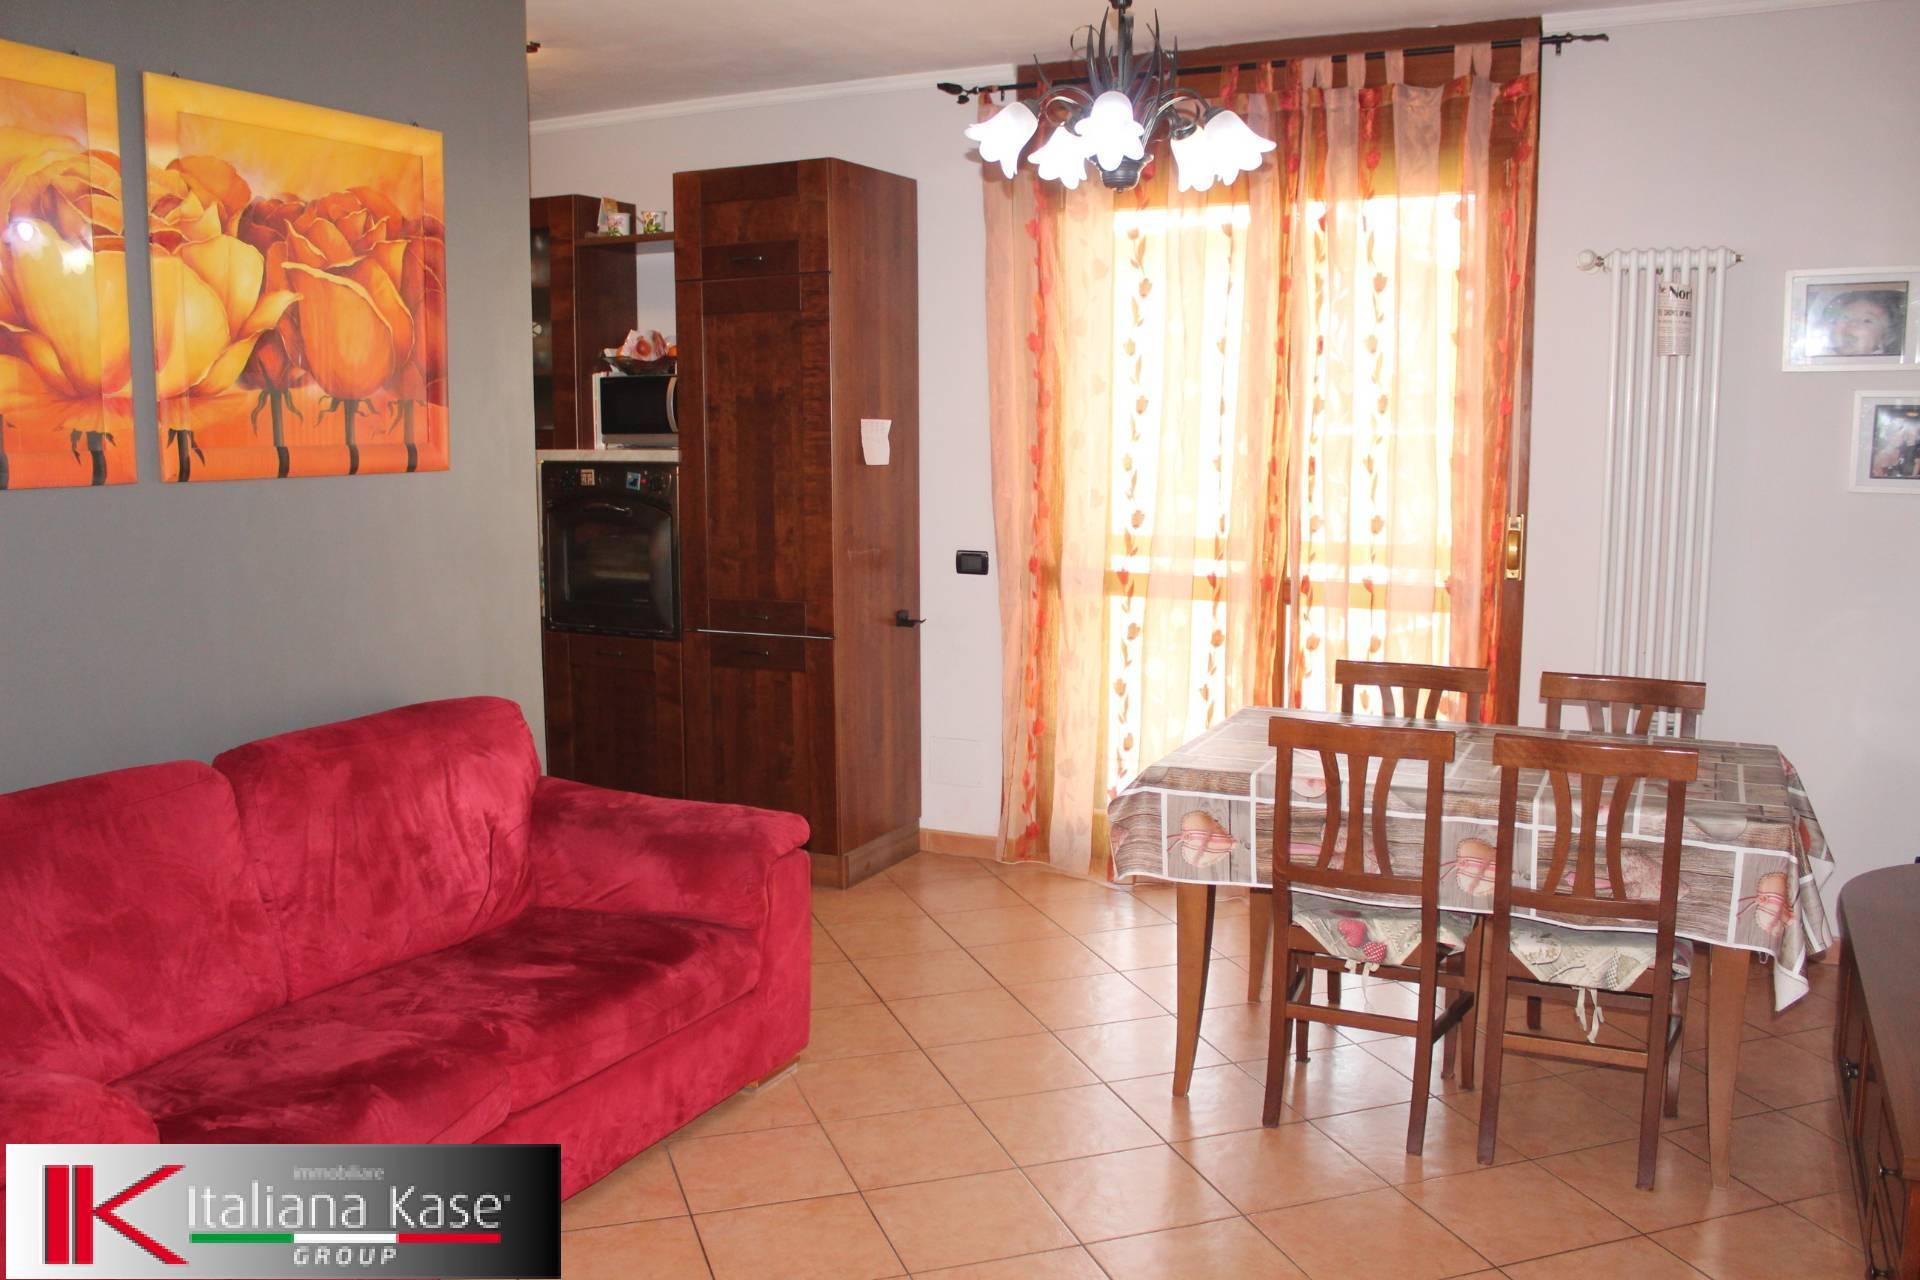 Appartamento in vendita a Gassino Torinese, 2 locali, zona Località: GassinoTorinese, prezzo € 99.000 | PortaleAgenzieImmobiliari.it